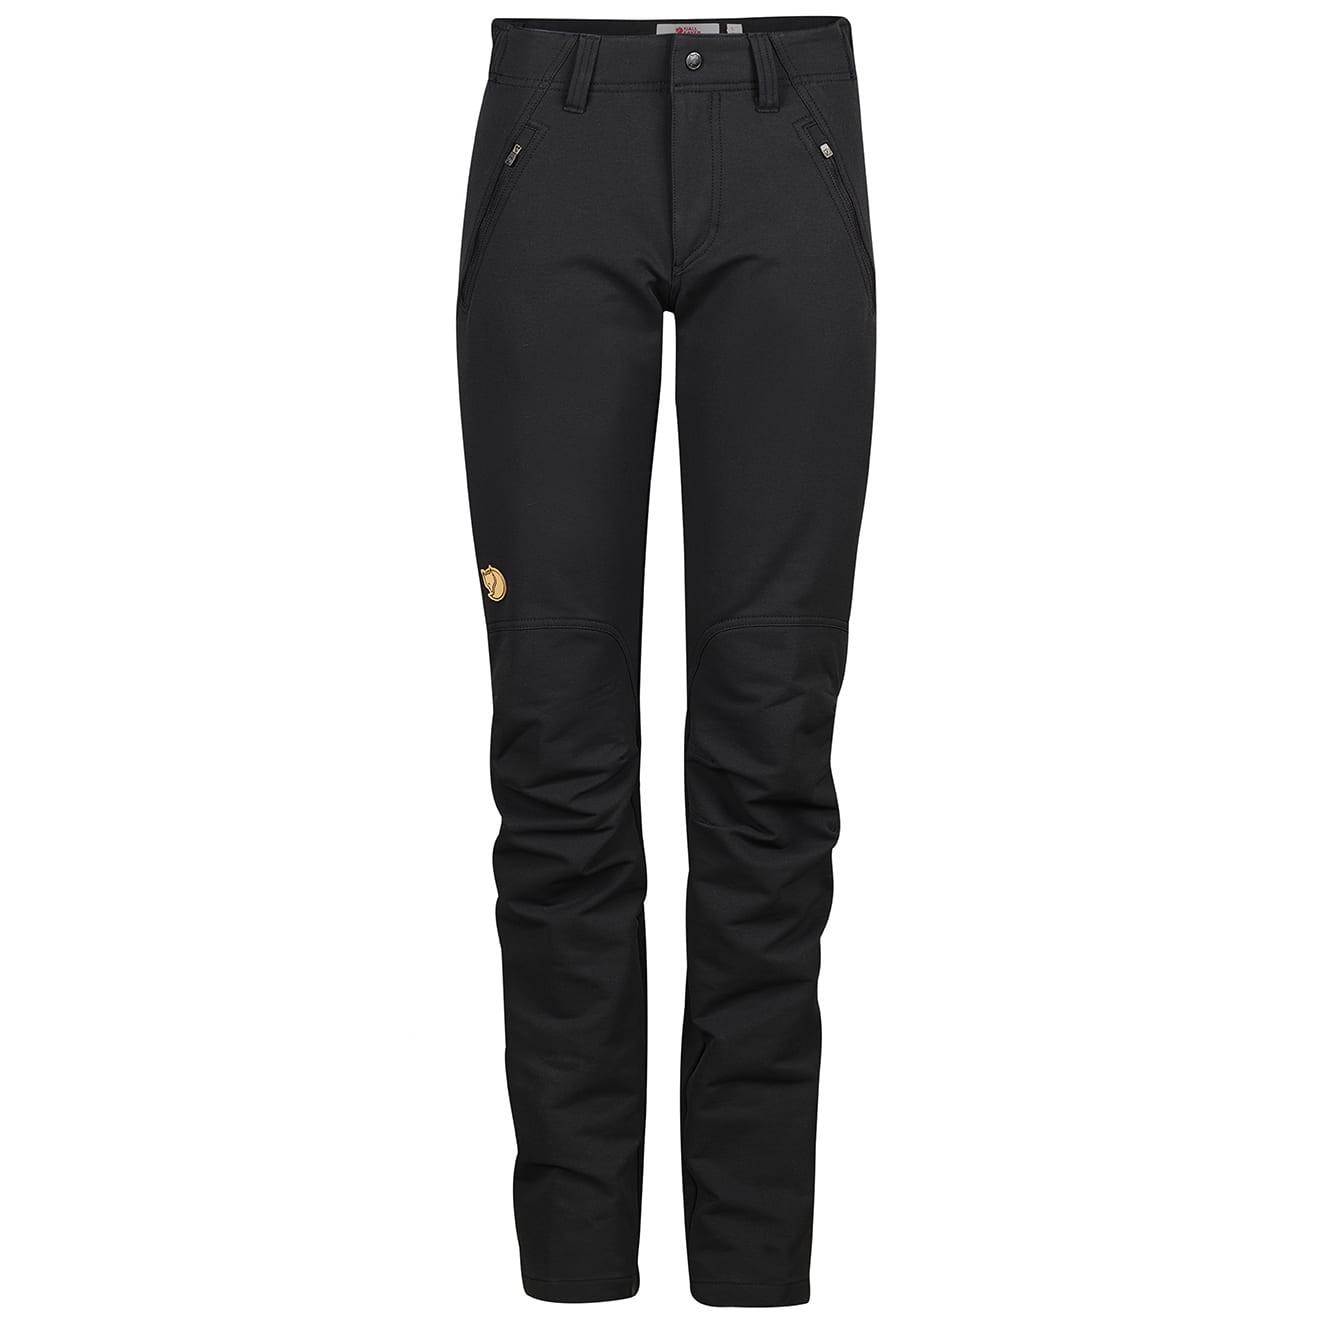 Oulu trousers womens black